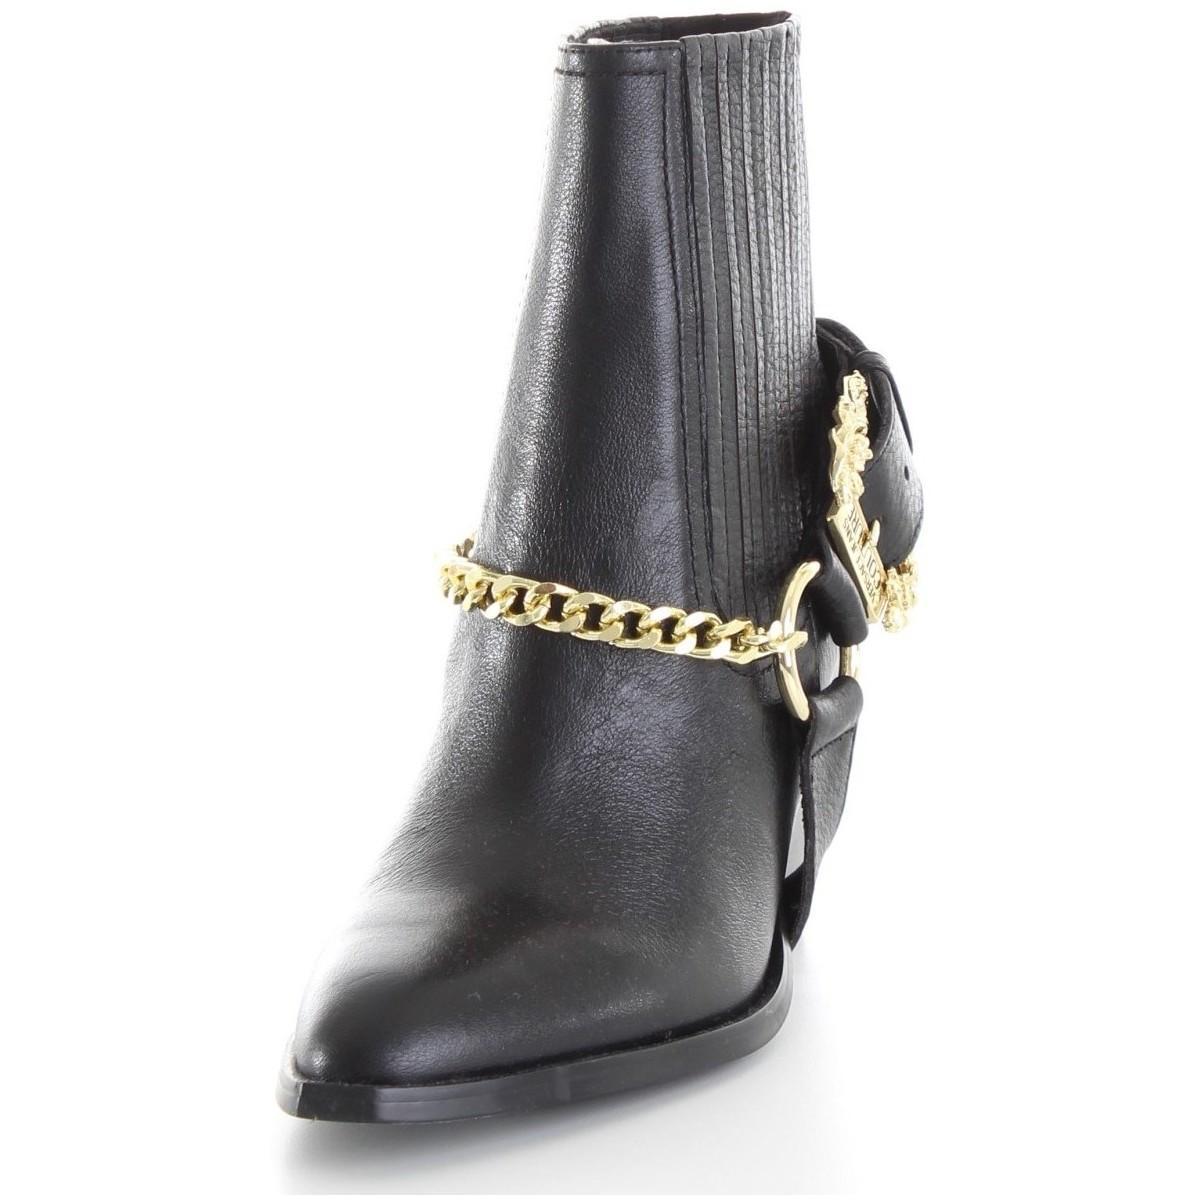 E0 VUBS10 71161 Bottines Versace en coloris Noir